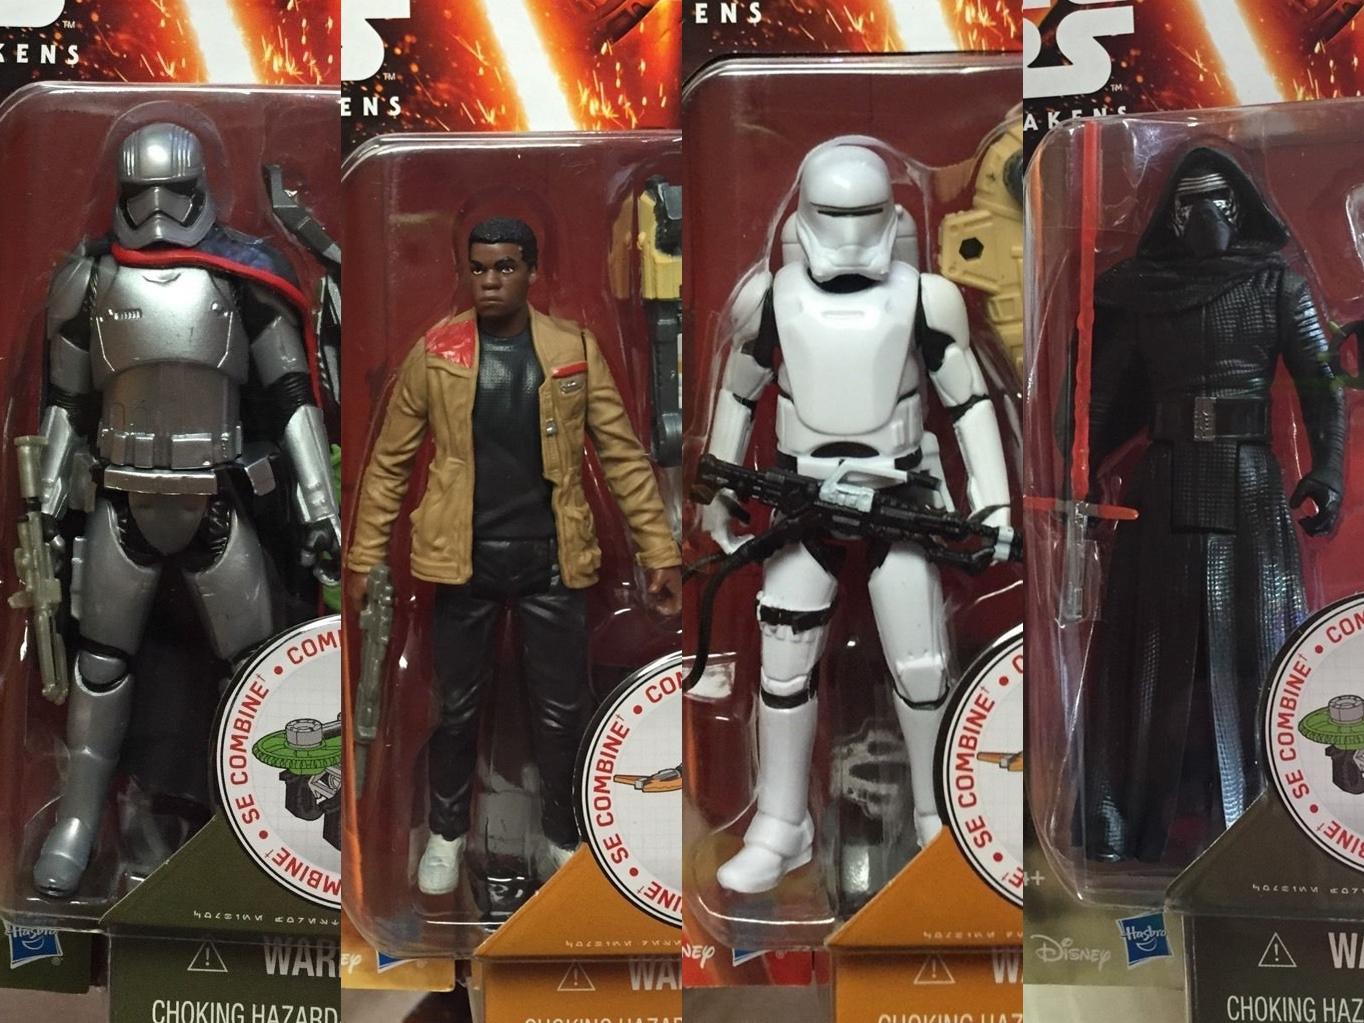 Star Wars News | StarWars.com